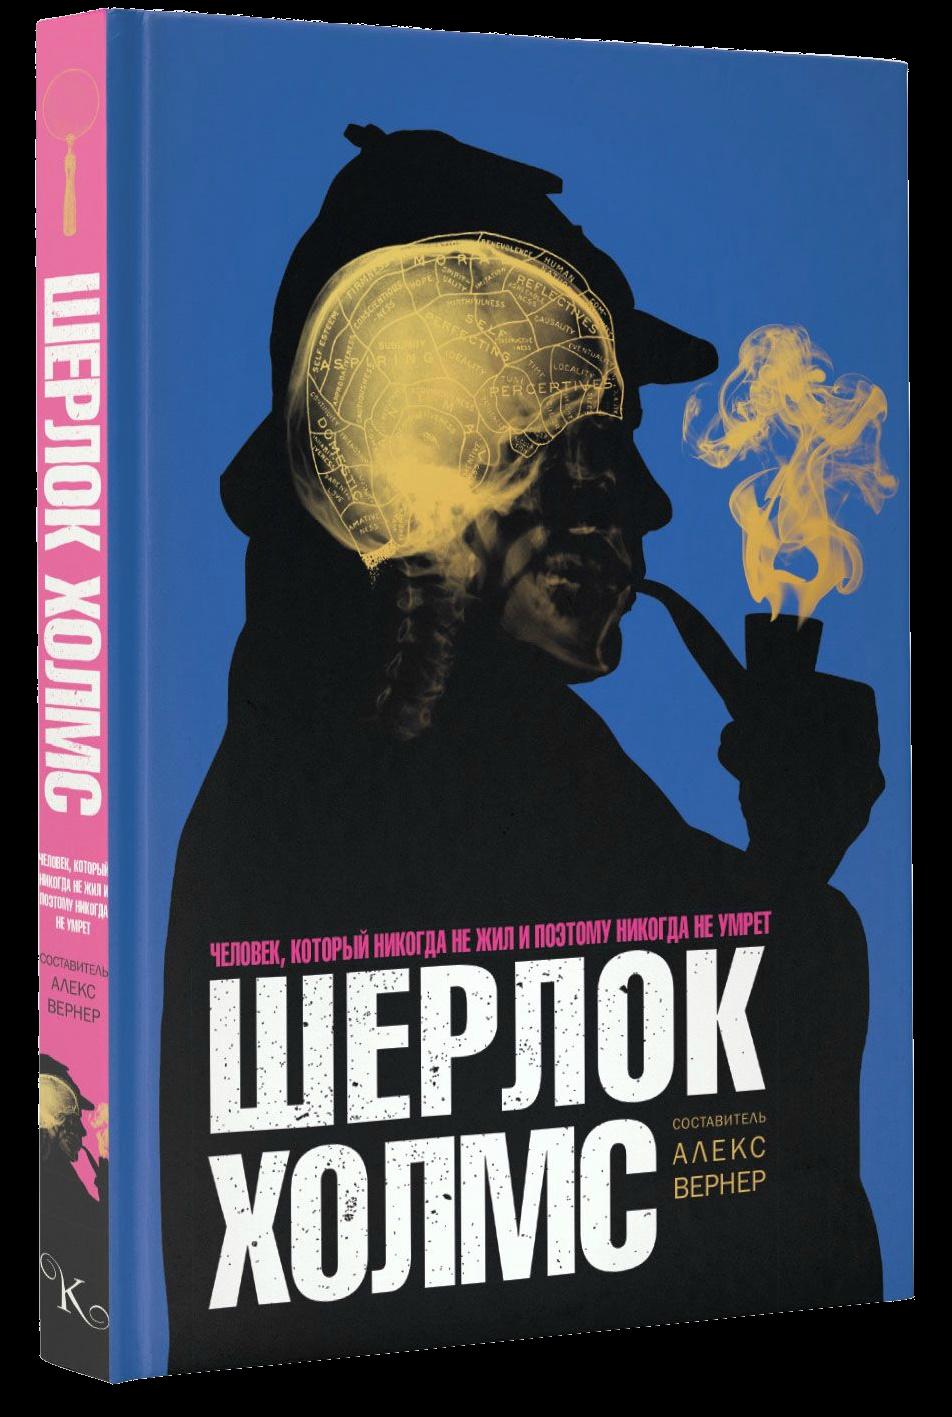 Купить Шерлок Холмс. Человек, который никогда не жил и поэтому никогда не умрет, Алекс Вернер, 978-5-17-092245-1